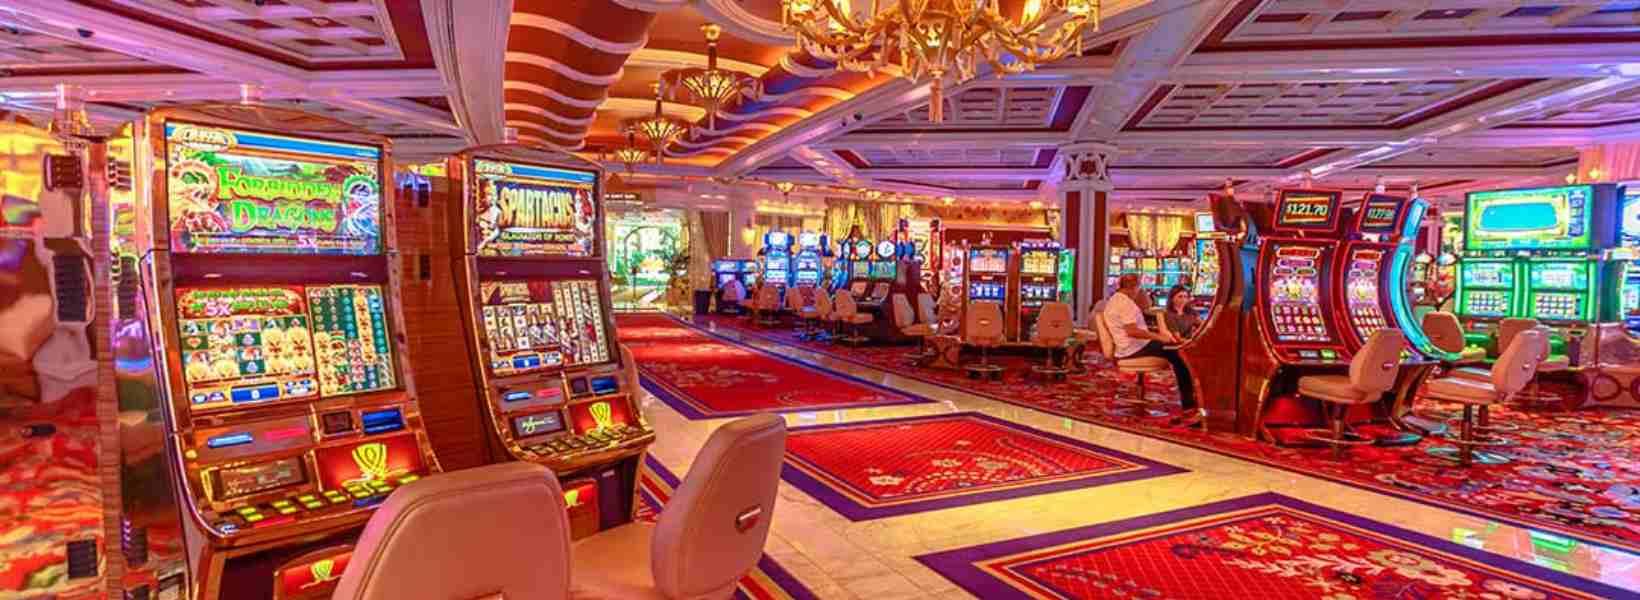 gambling de lux europa